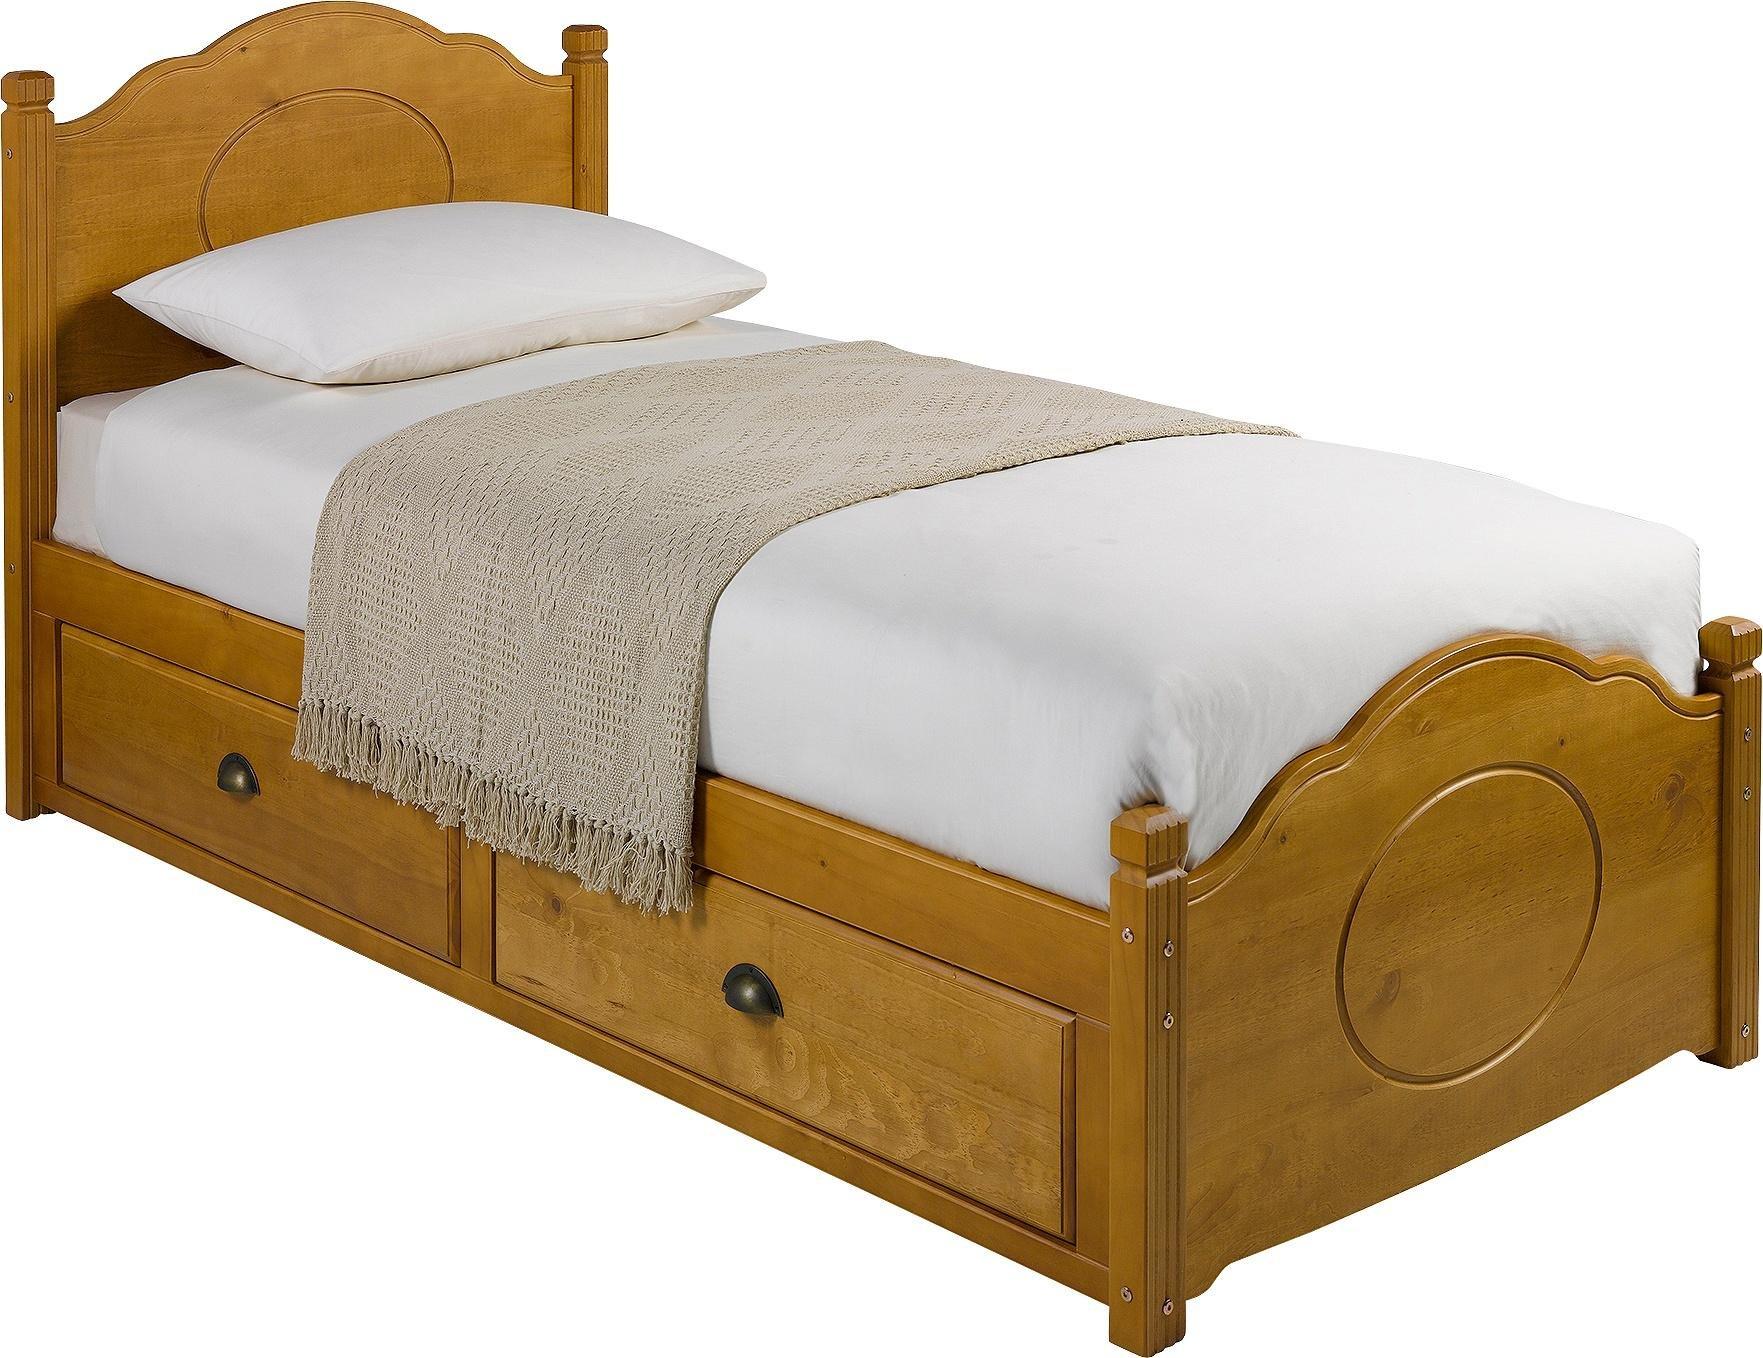 argos uk single bed frame. Black Bedroom Furniture Sets. Home Design Ideas